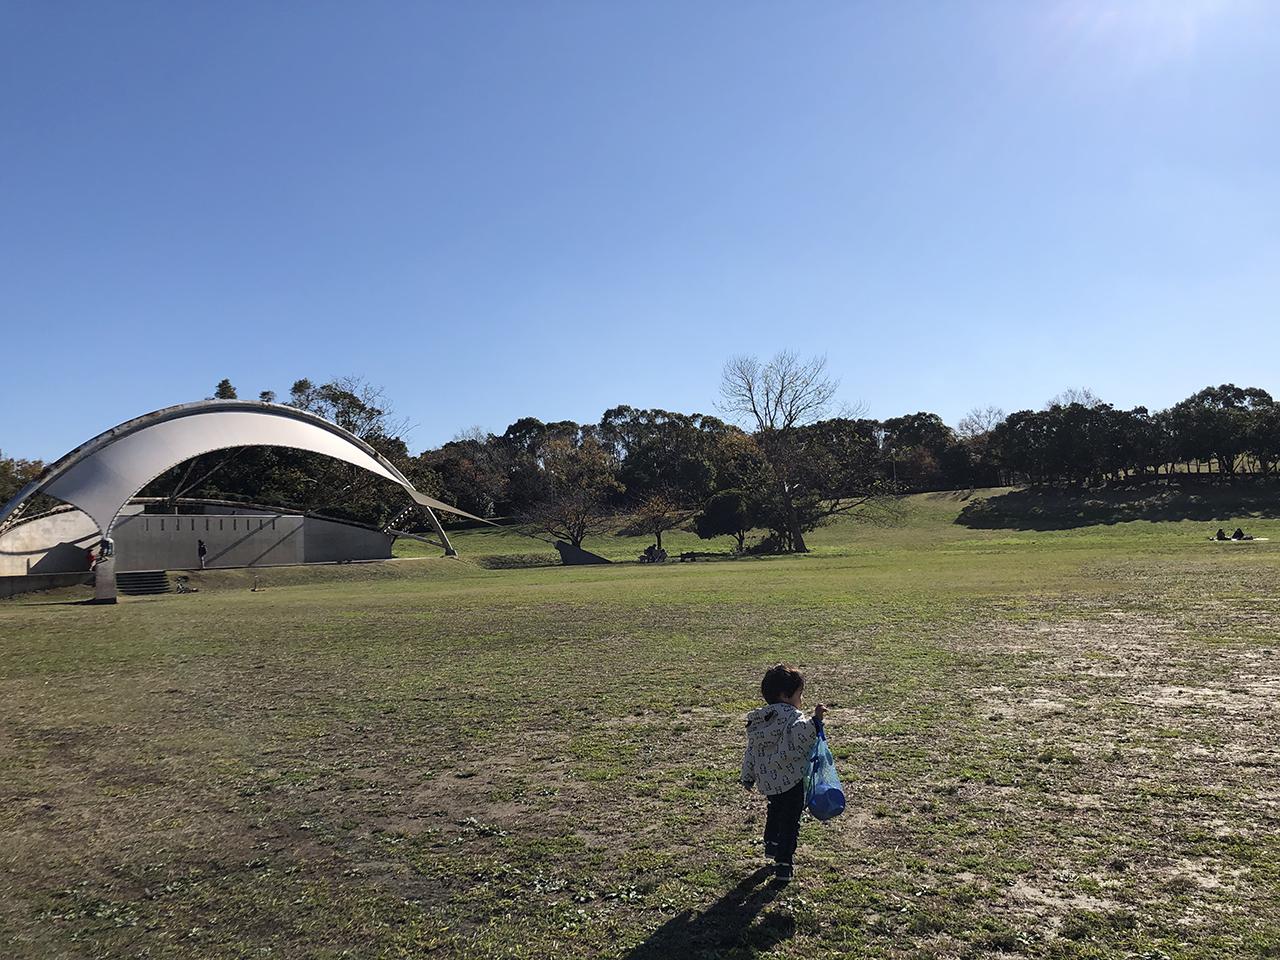 円形芝生広場の写真